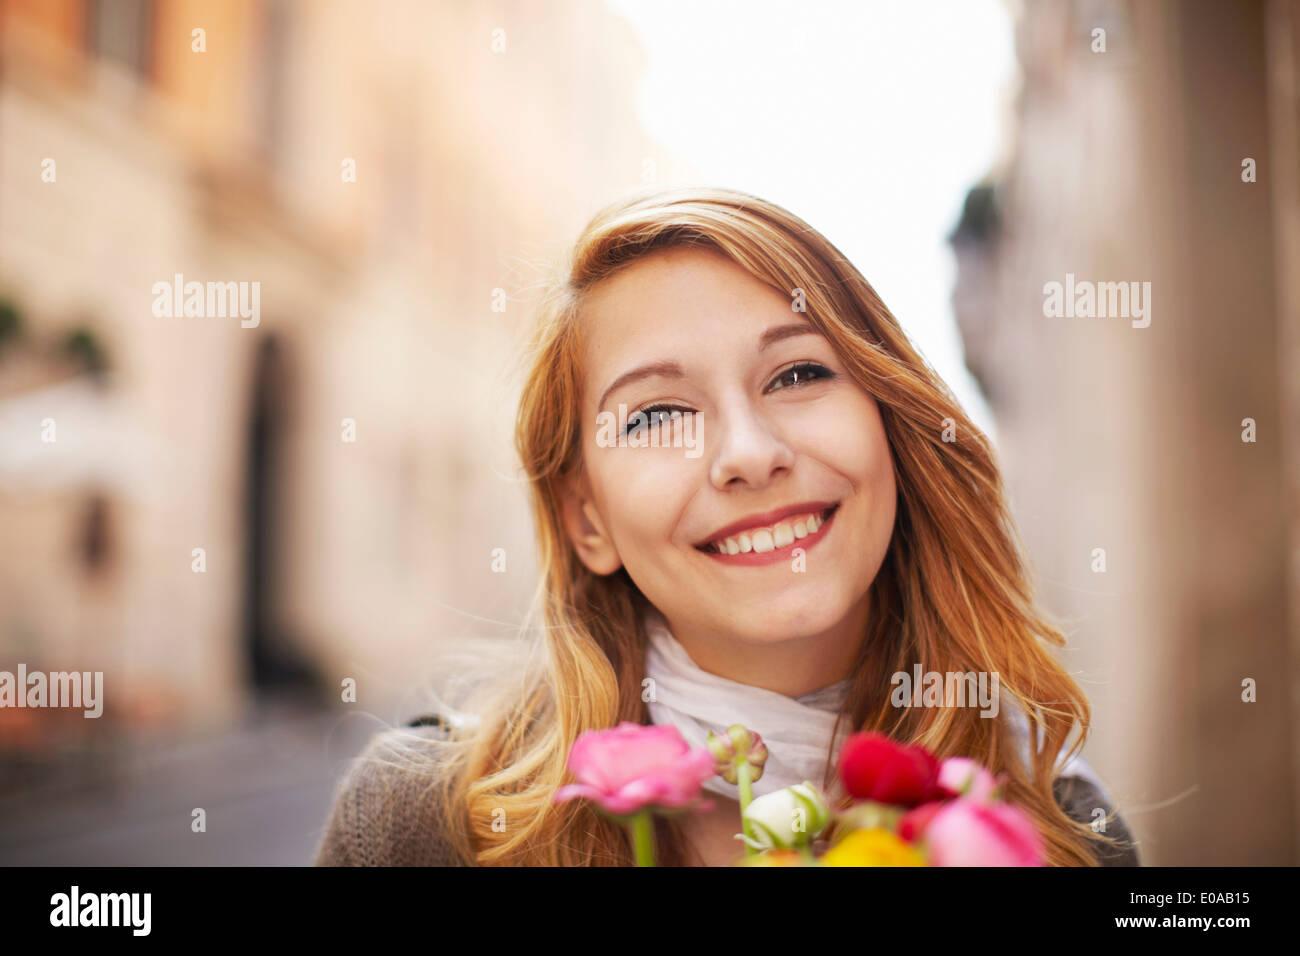 Sorridente giovane donna con un mazzo di fiori Immagini Stock